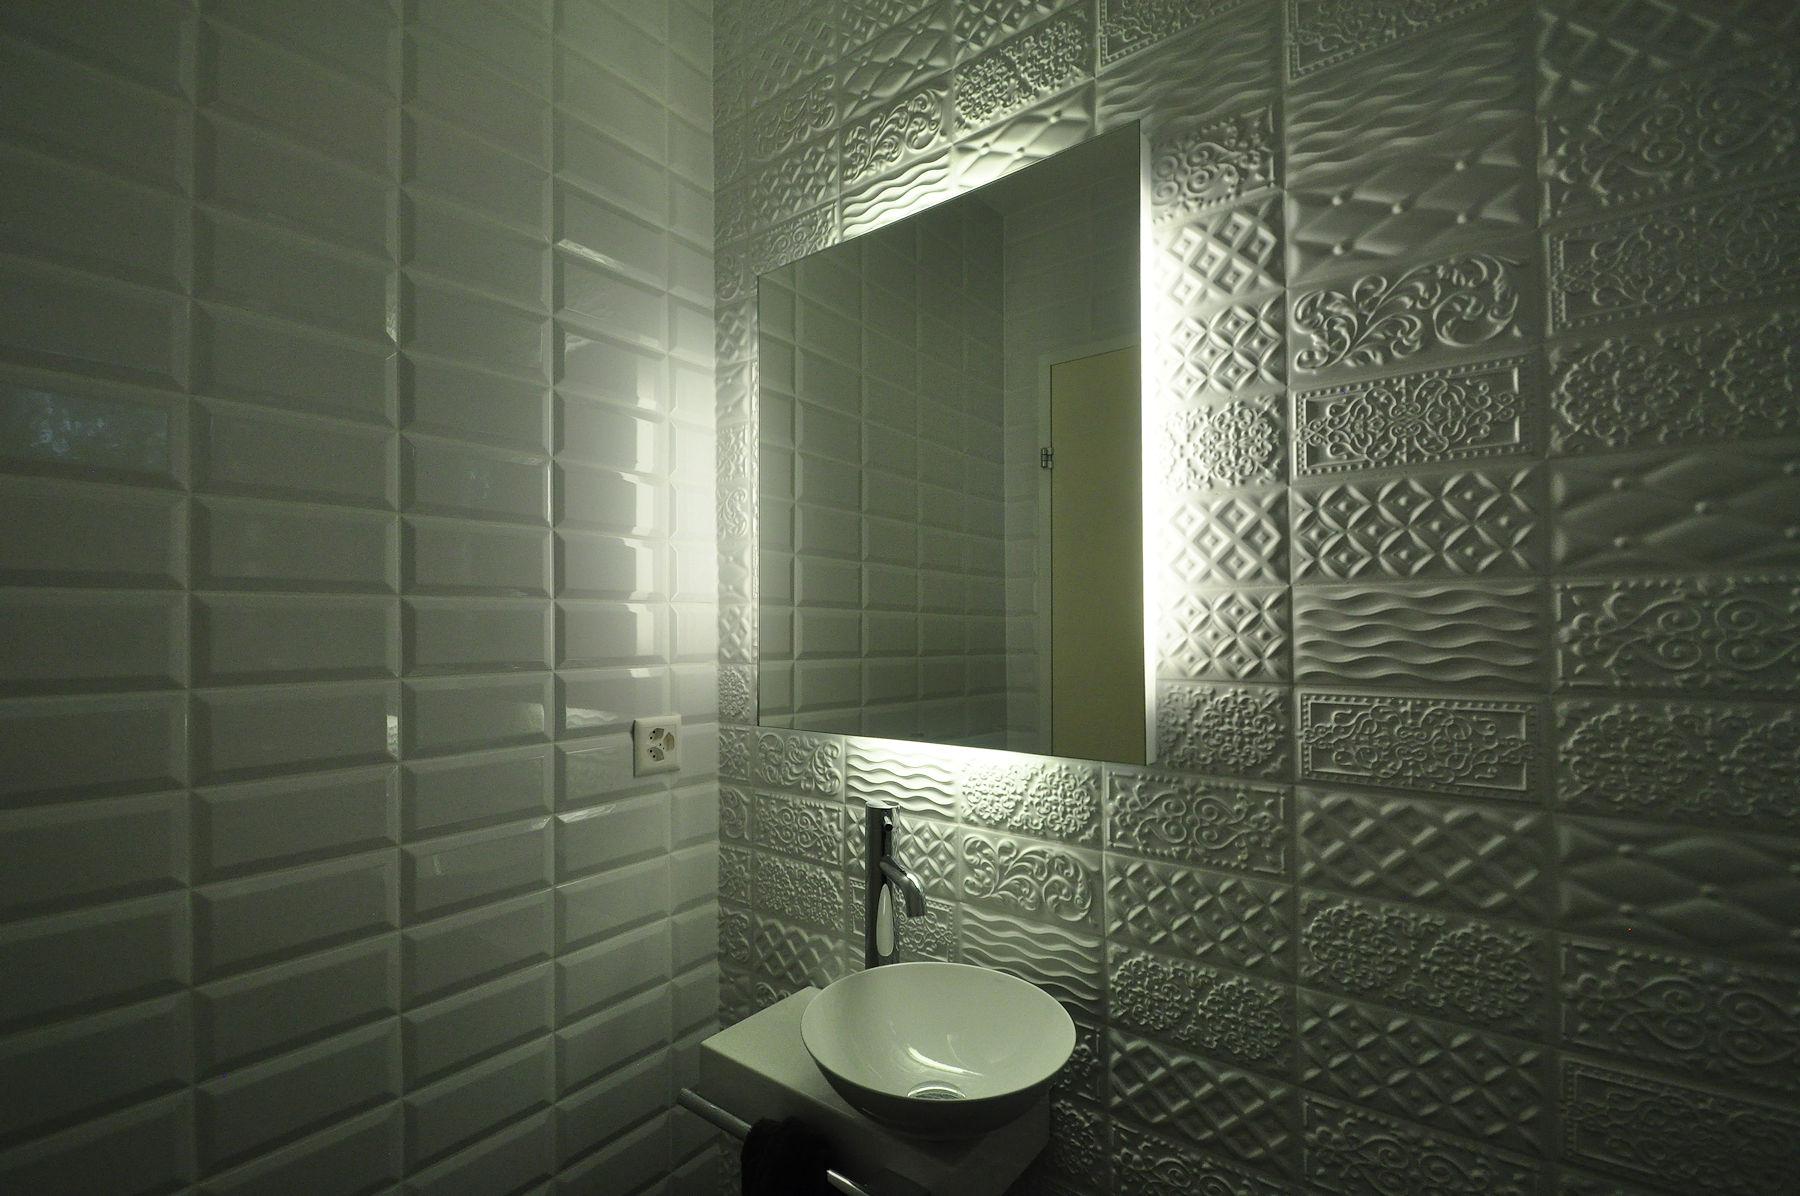 Badezimmer mit swarovski elements willkommen bei schiffbauer bad und wohnraumgestaltung mit - Swarovski fliesen ...